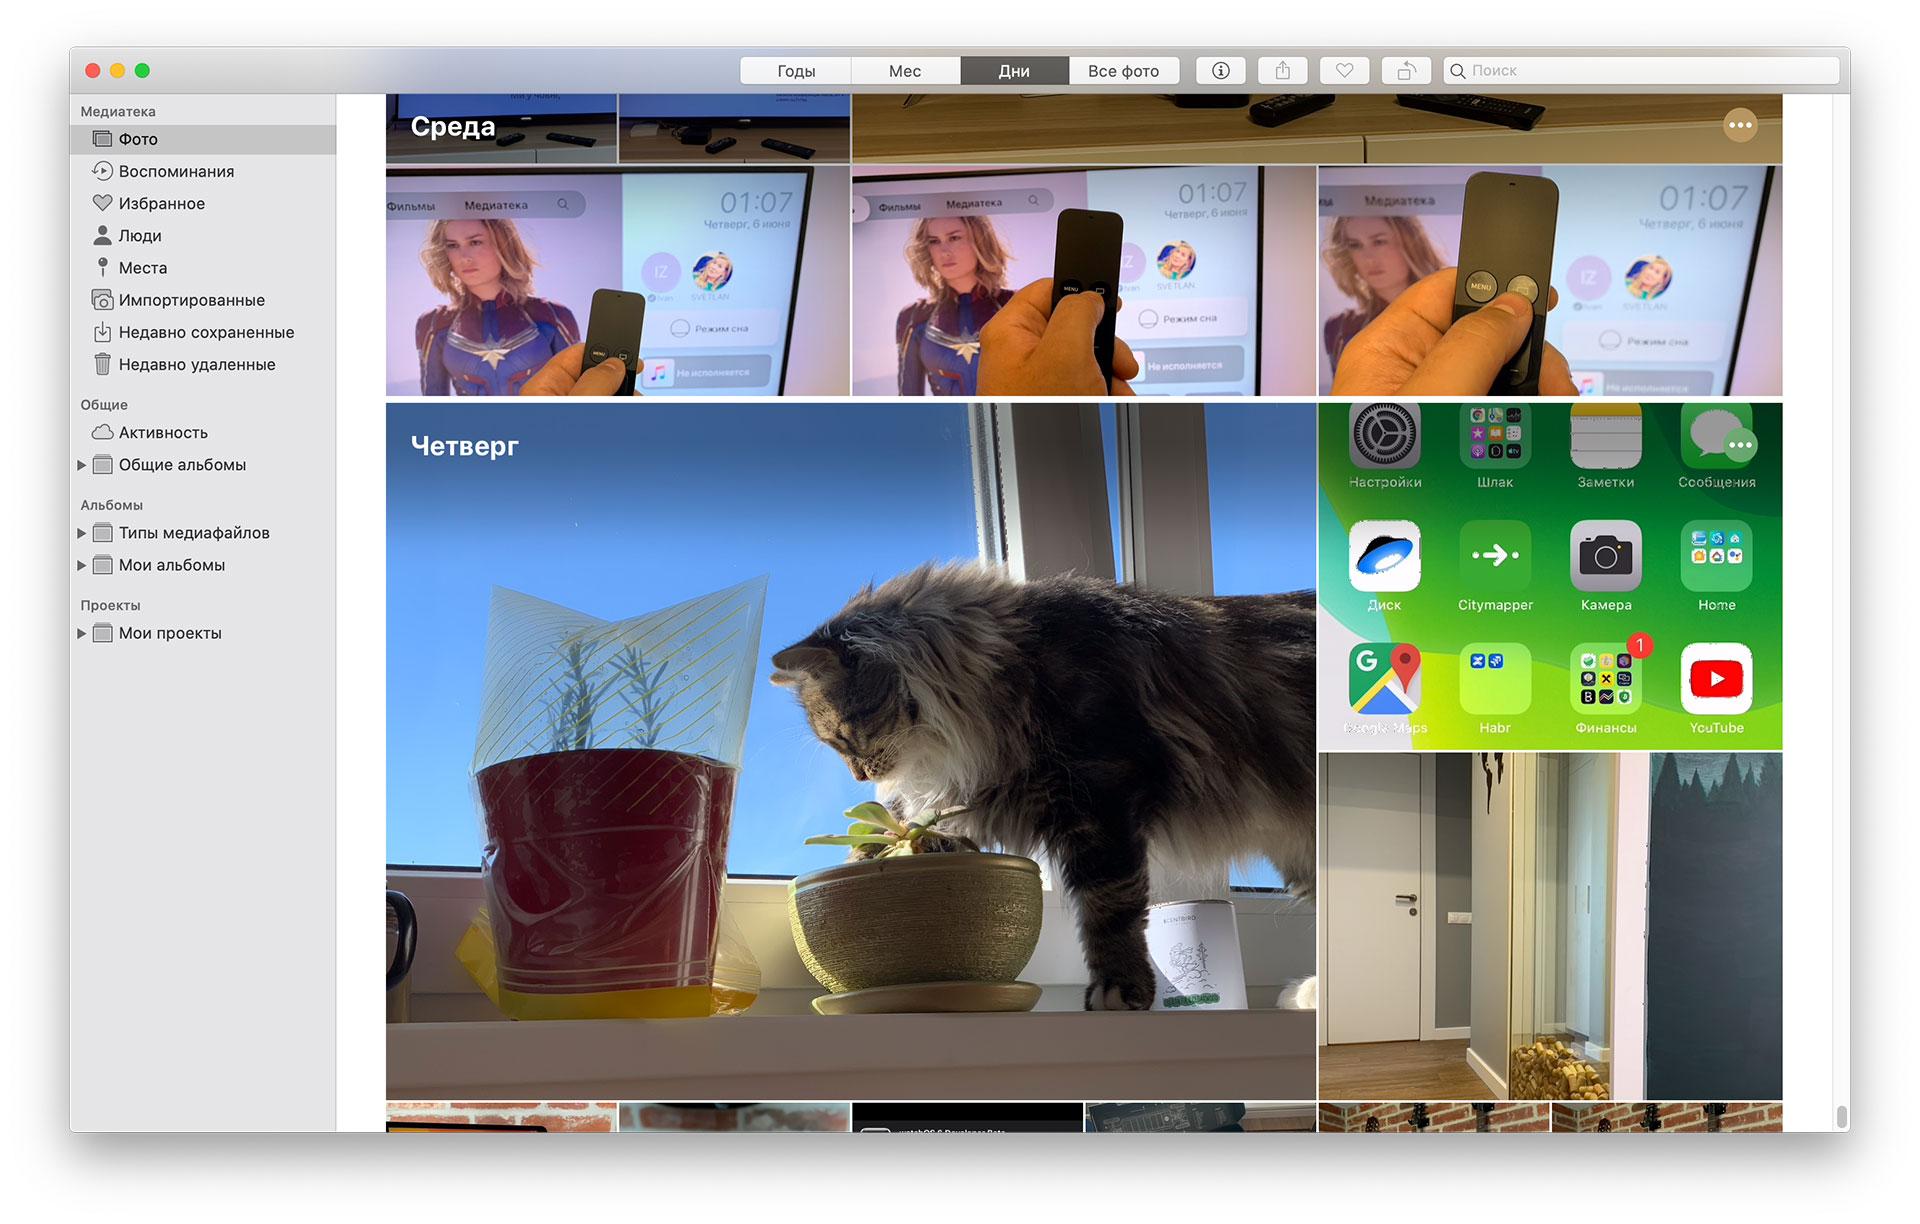 Беты Apple живьем: мелочи, о которых не рассказали на презентации - 15